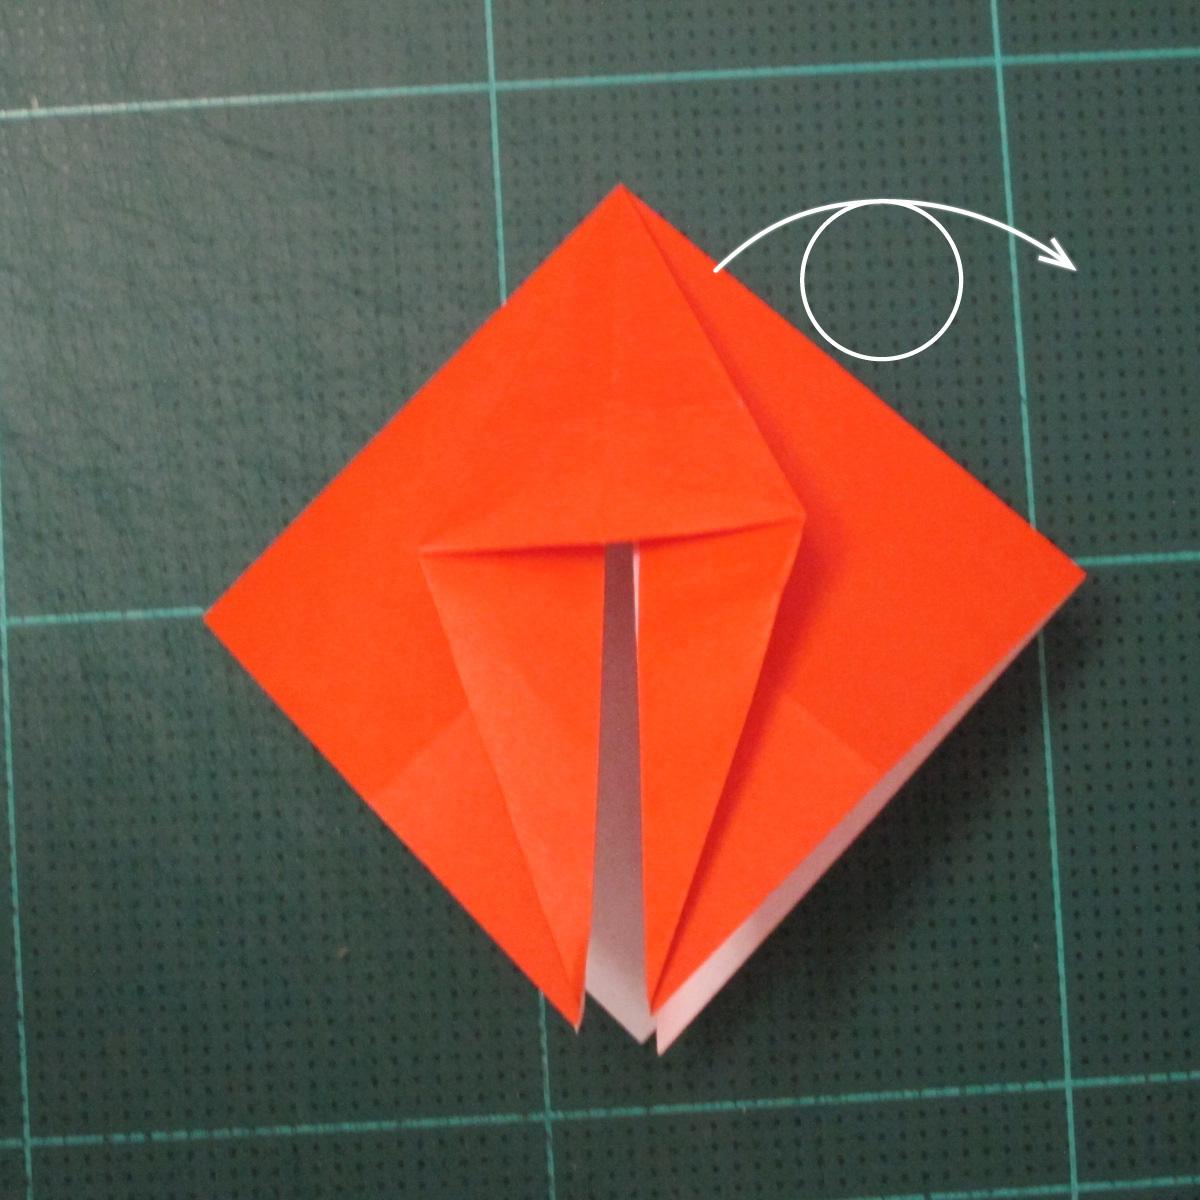 วิธีพับกระดาษเป็นที่คั่นหนังสือรูปผีเสื้อ (Origami Butterfly Bookmark) 019